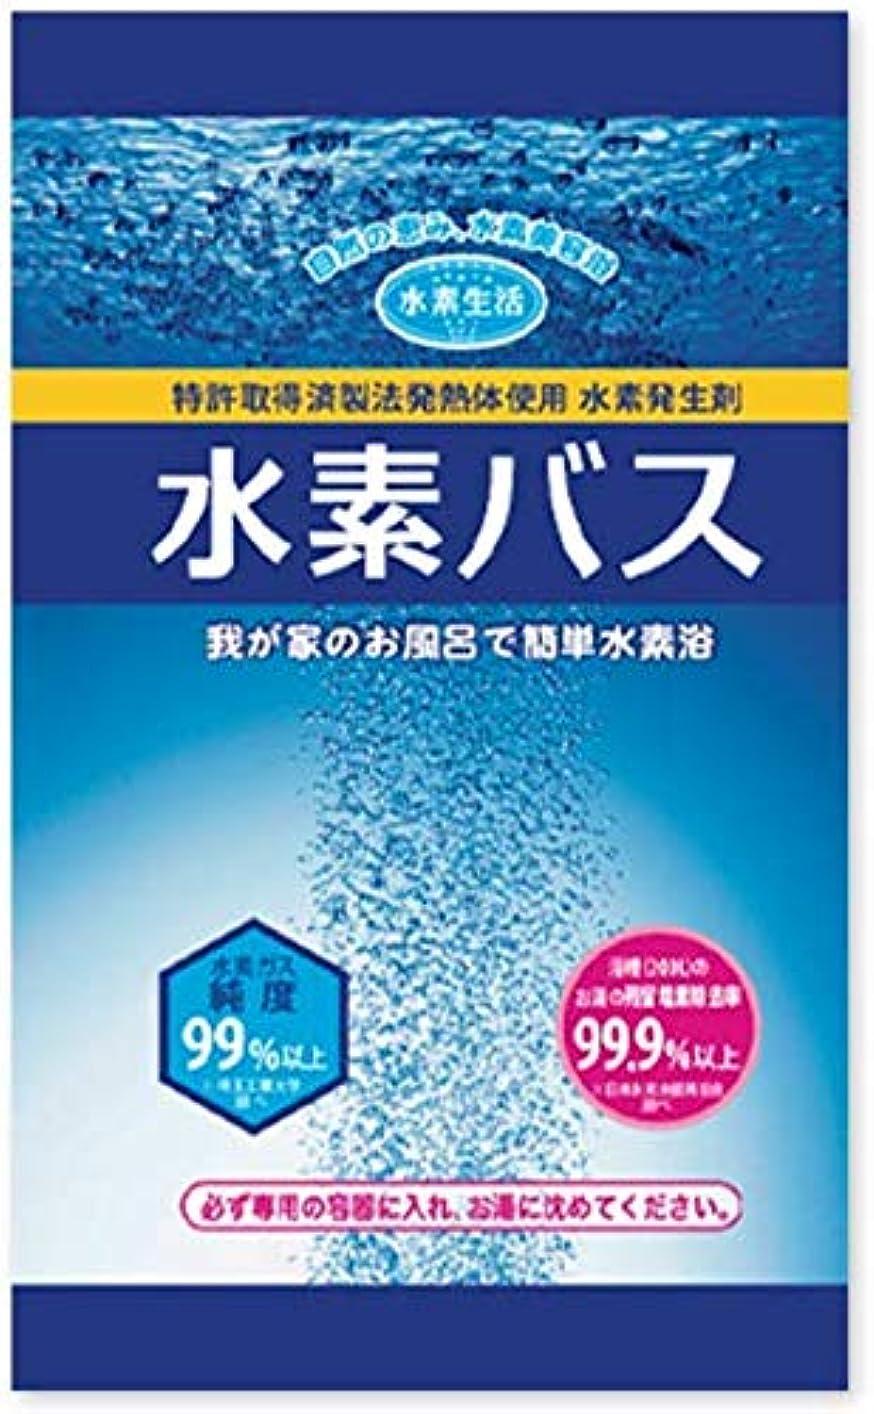 睡眠パラナ川インストール水素バス 水素剤 20袋(10袋入×2箱)<専用ケースなし>